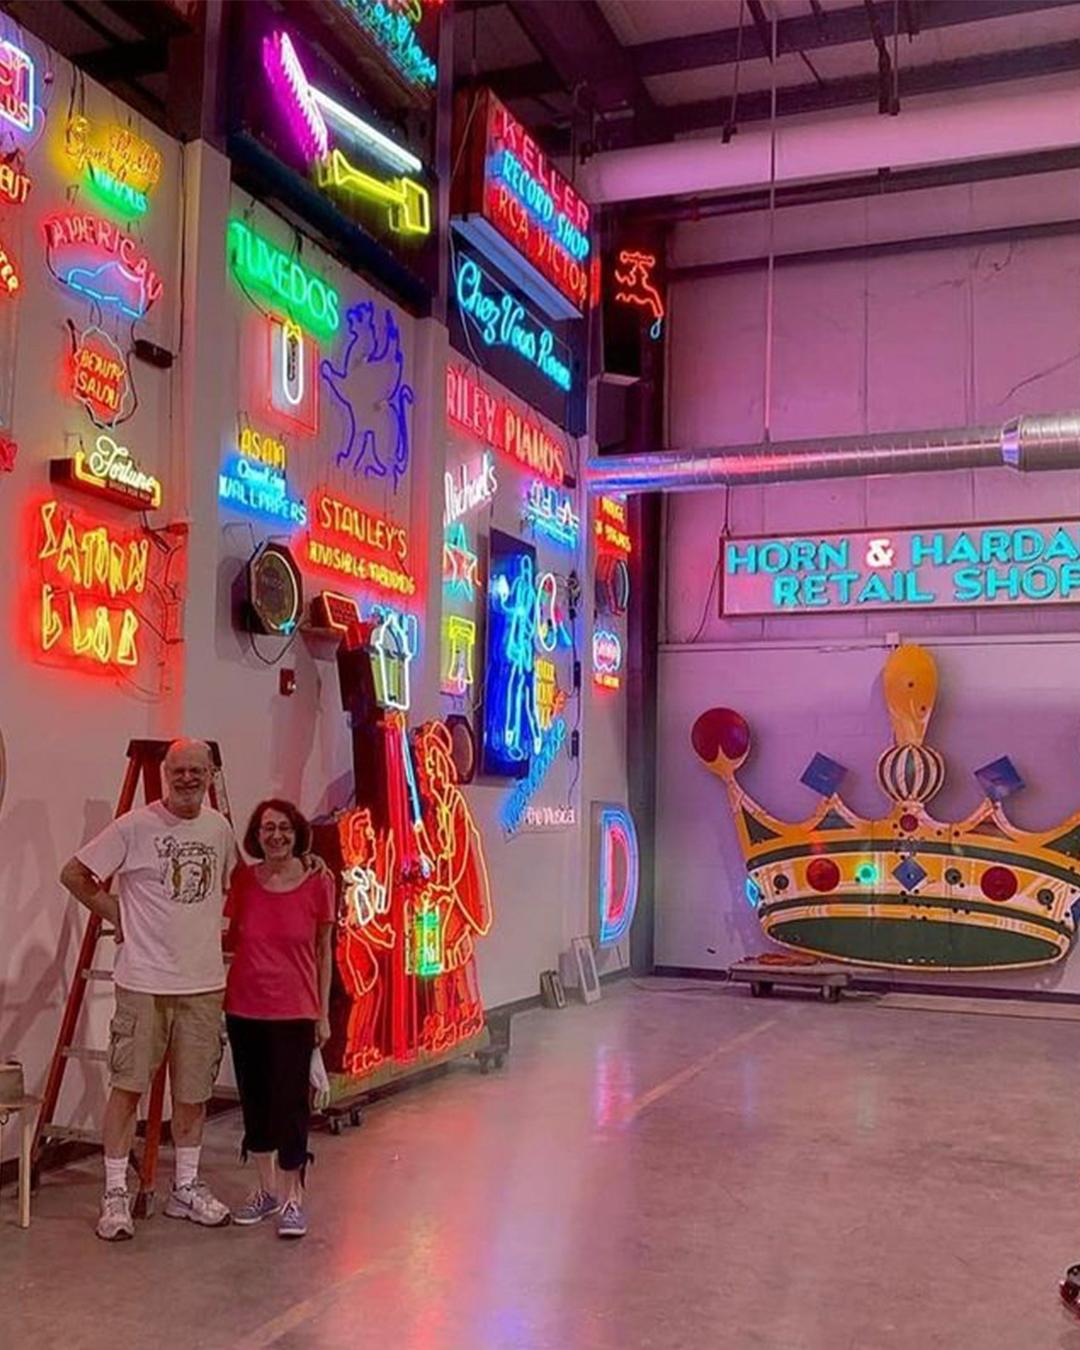 neon museum of Philadelphia